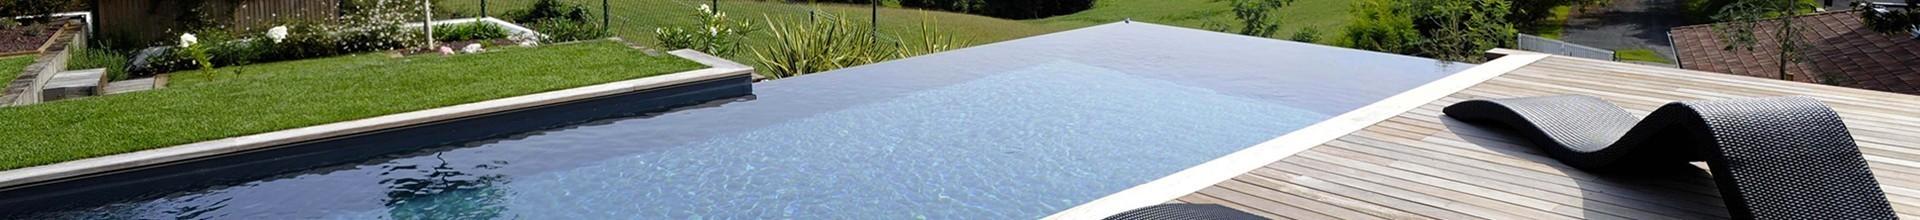 ✅ Rhône Alpes Kit piscine béton Isère. Fabricant d'une piscine